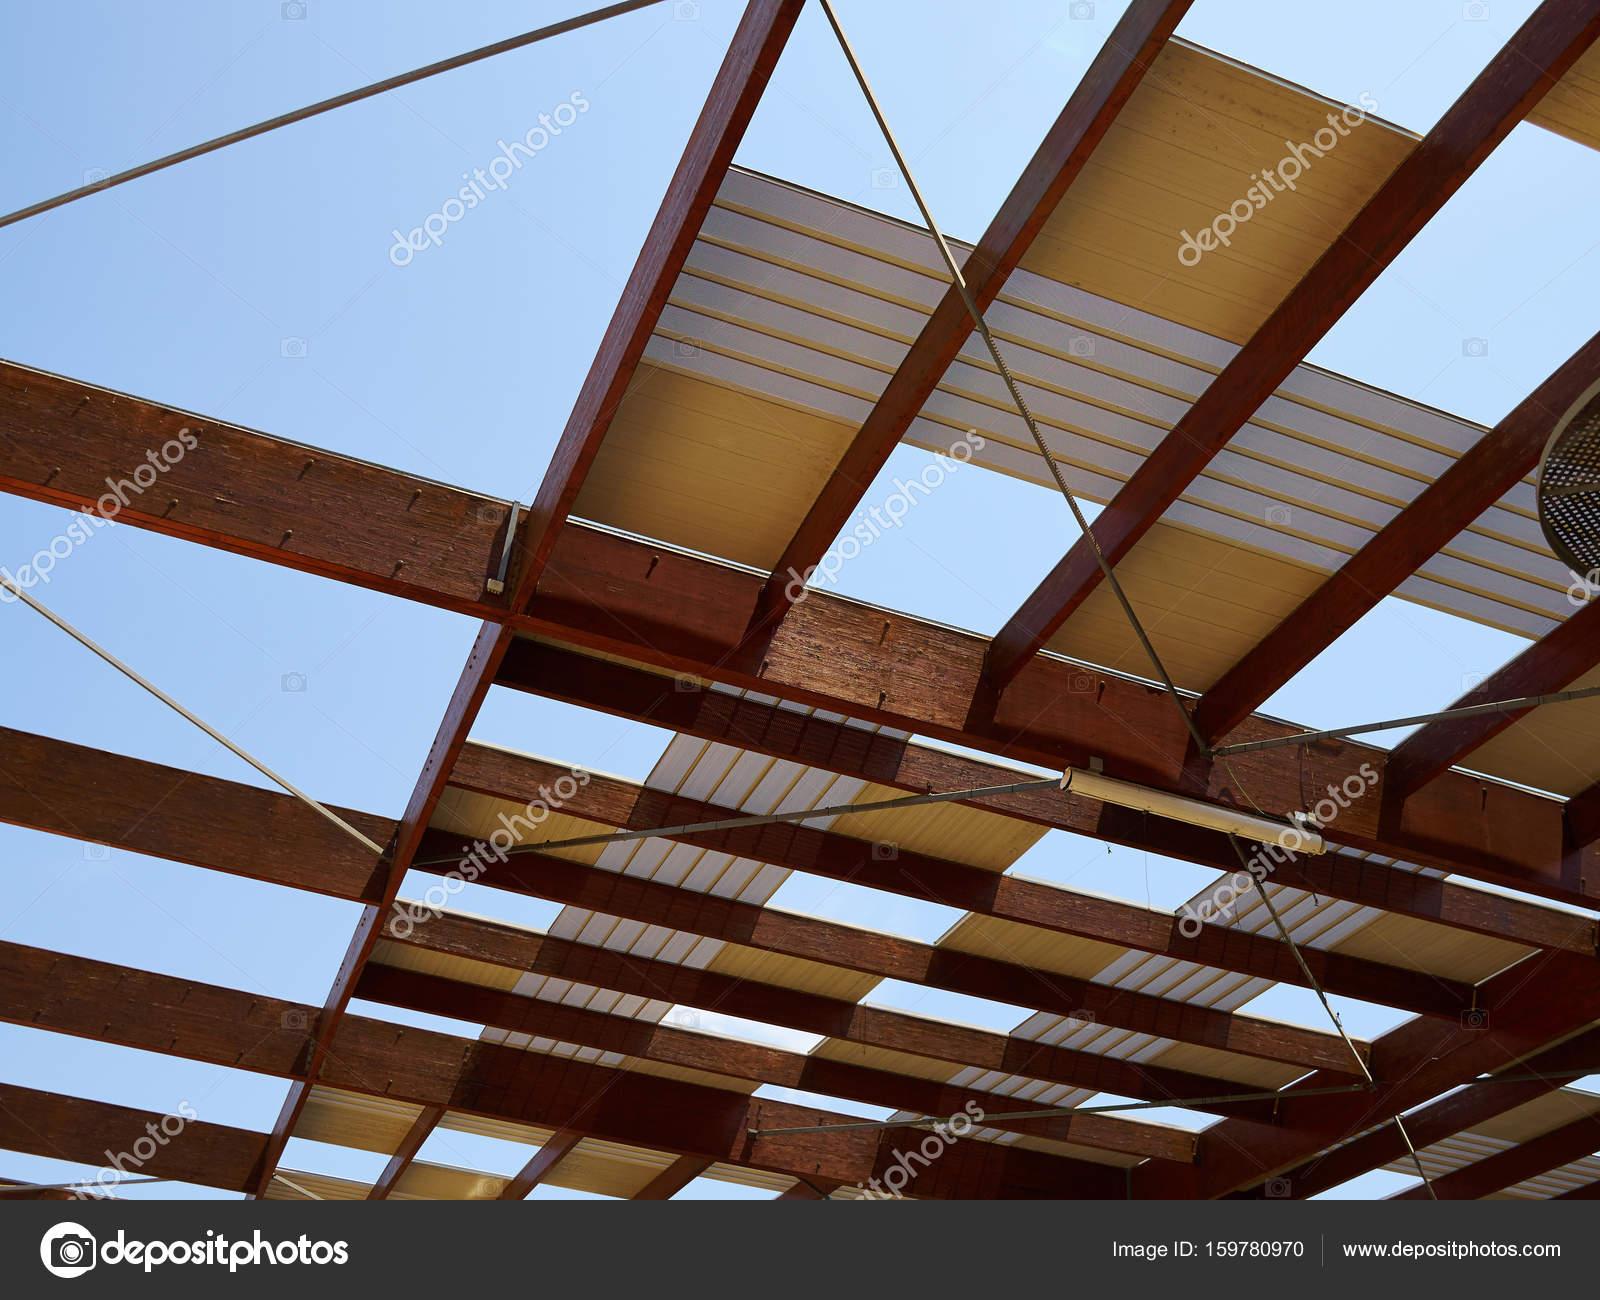 Modernes Design Pergola Laube gemacht, Holz und Metall — Stockfoto ...